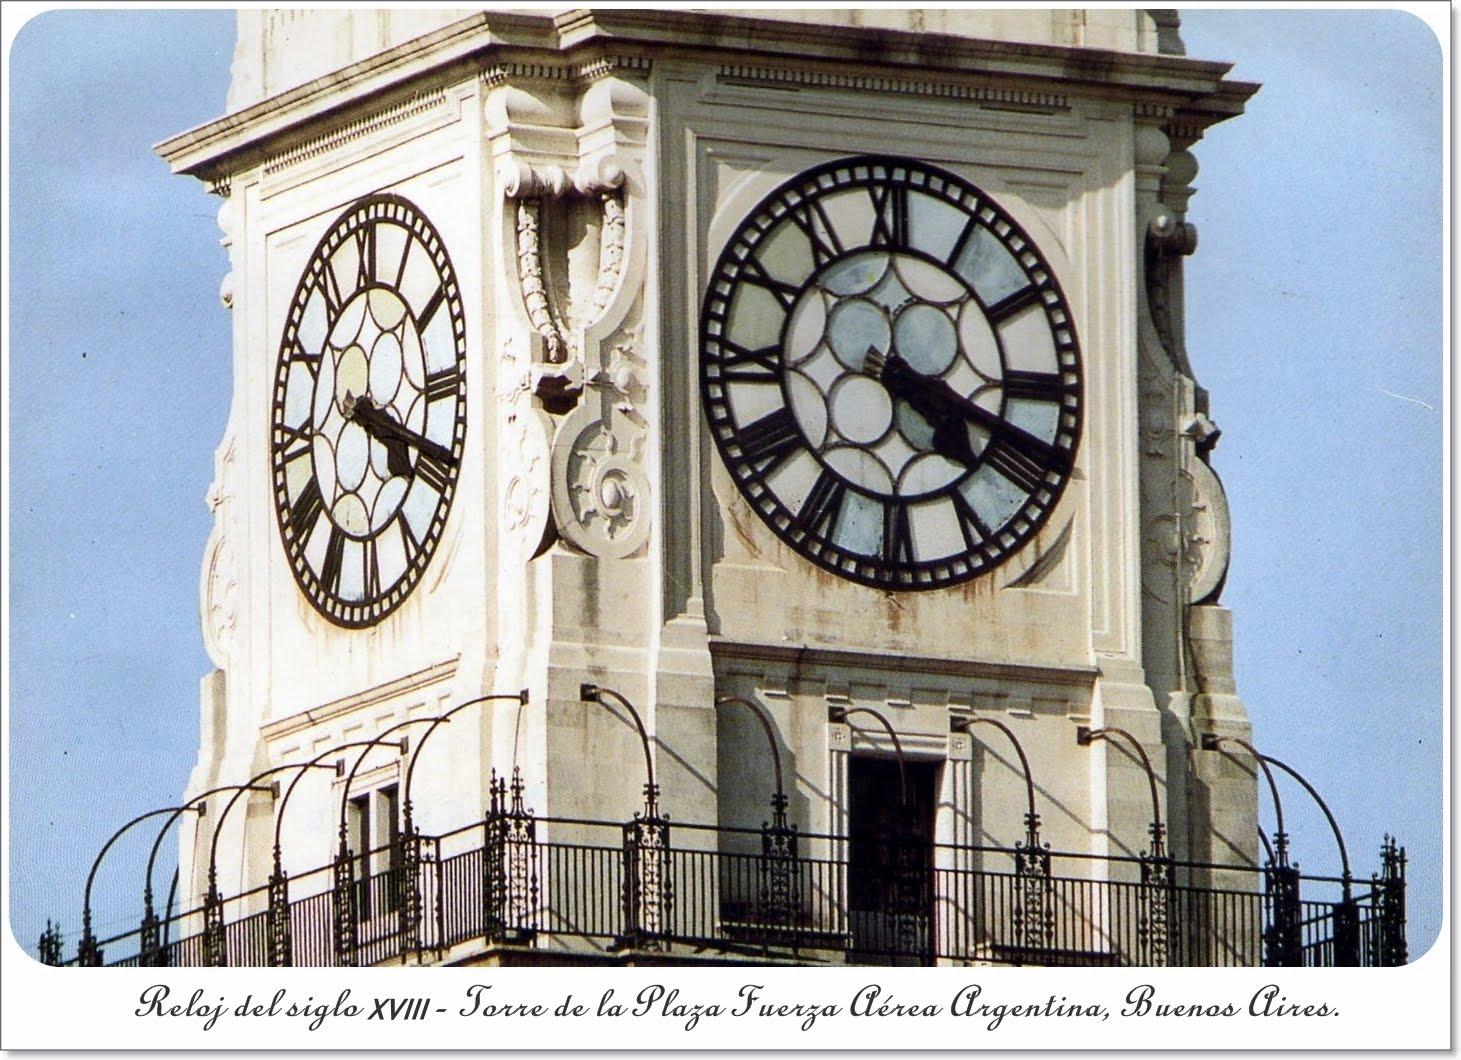 Limonchiflado fotos de tipos de relojes - Tipos de relojes ...